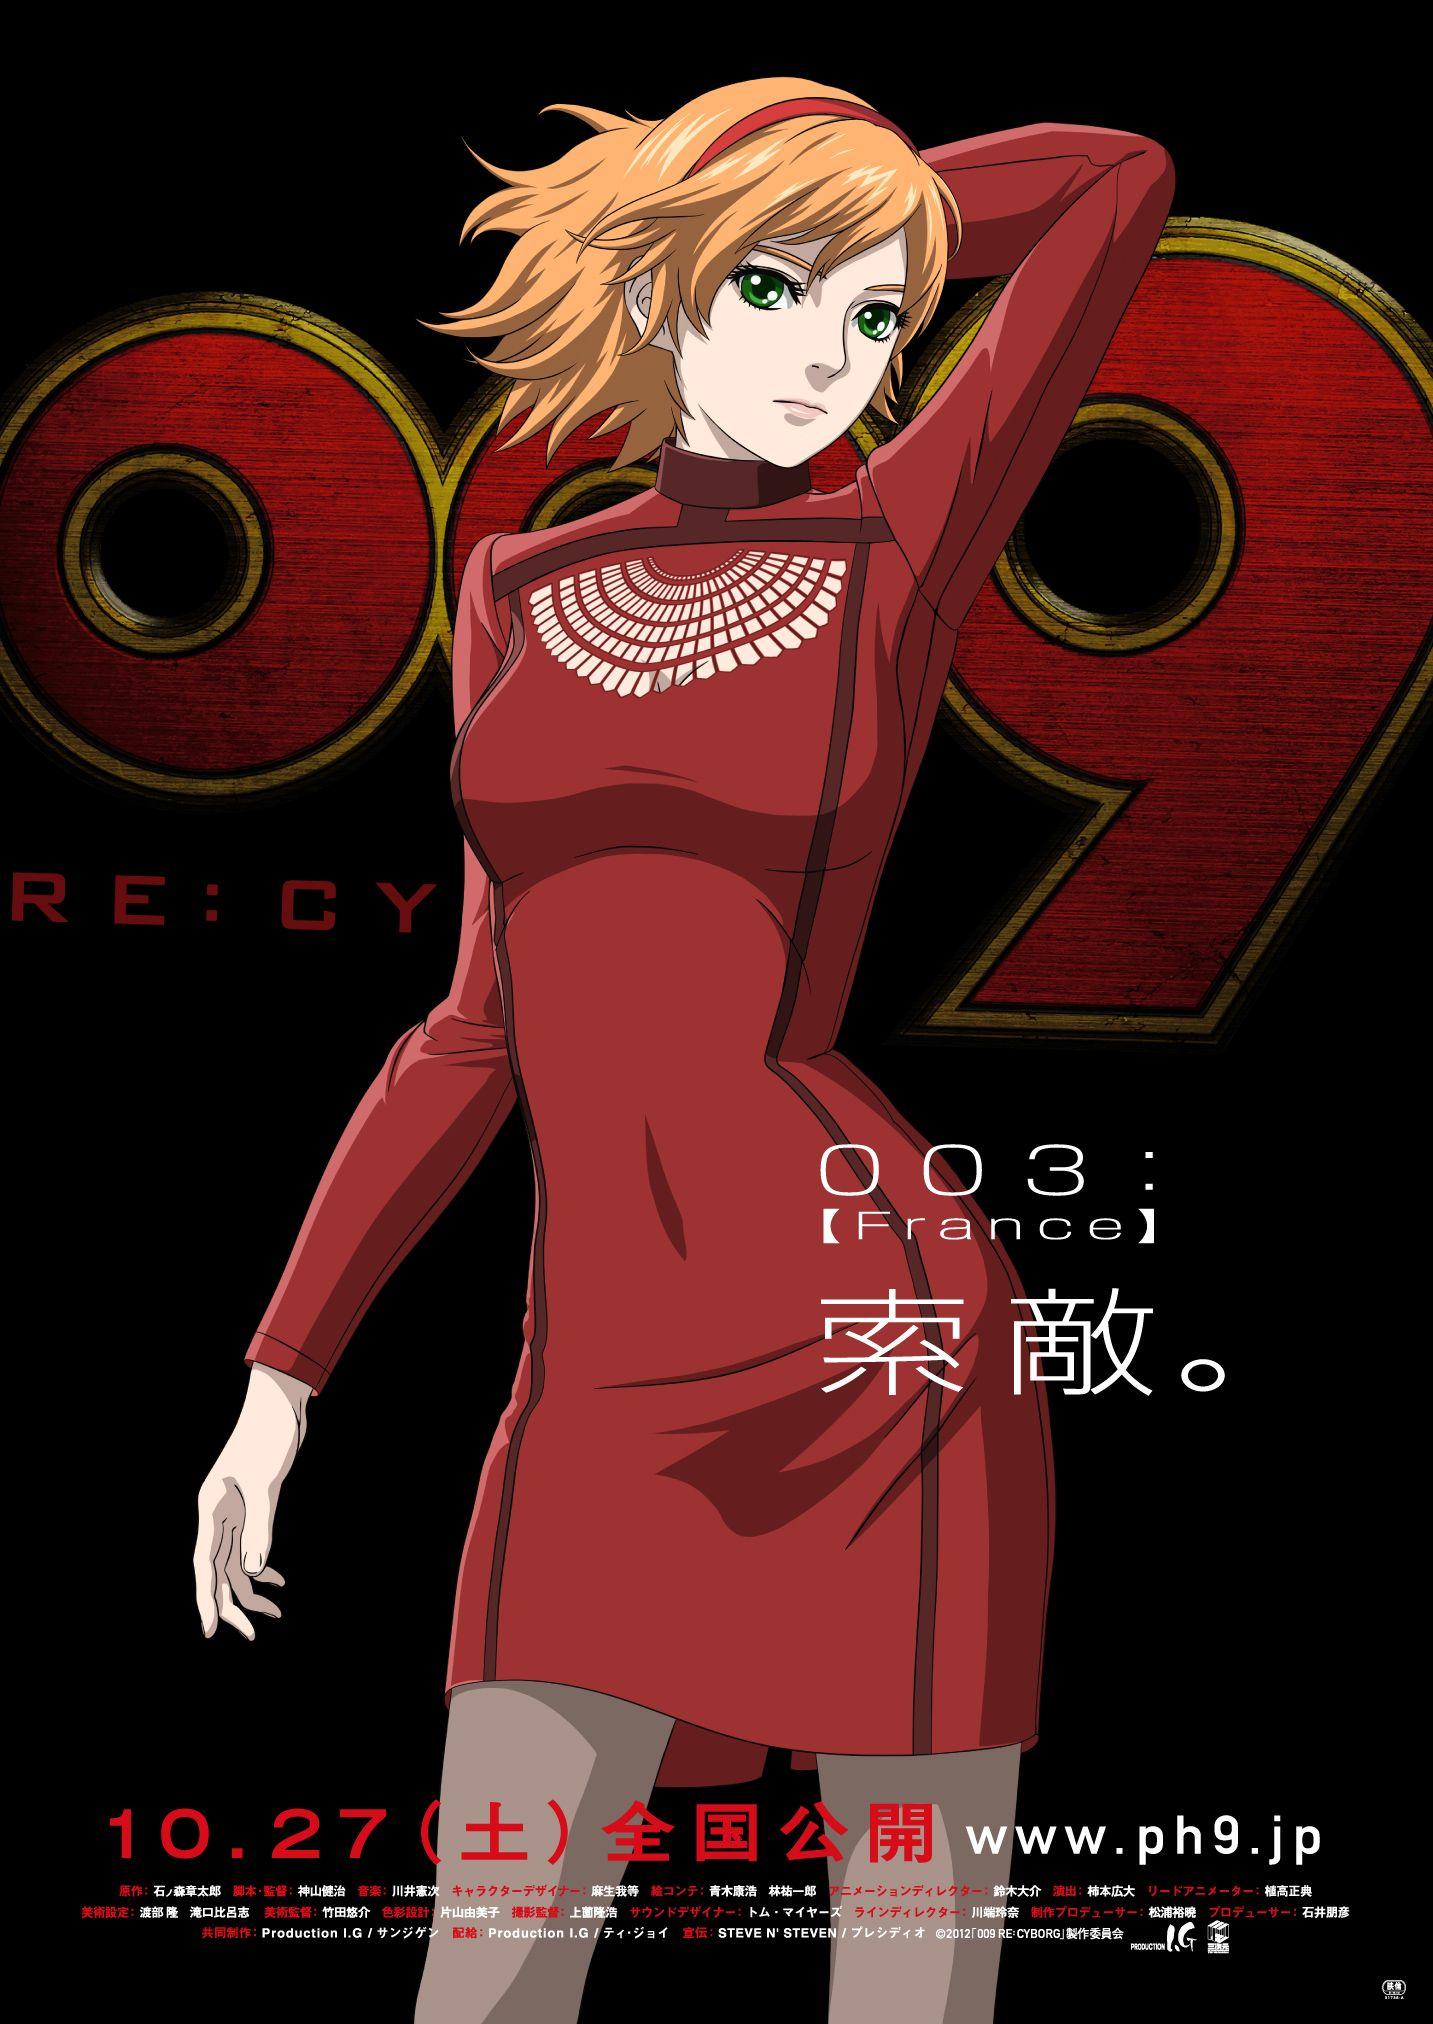 映画 009 Re Cyborg 003 フランソワーズ アルヌール Francoise